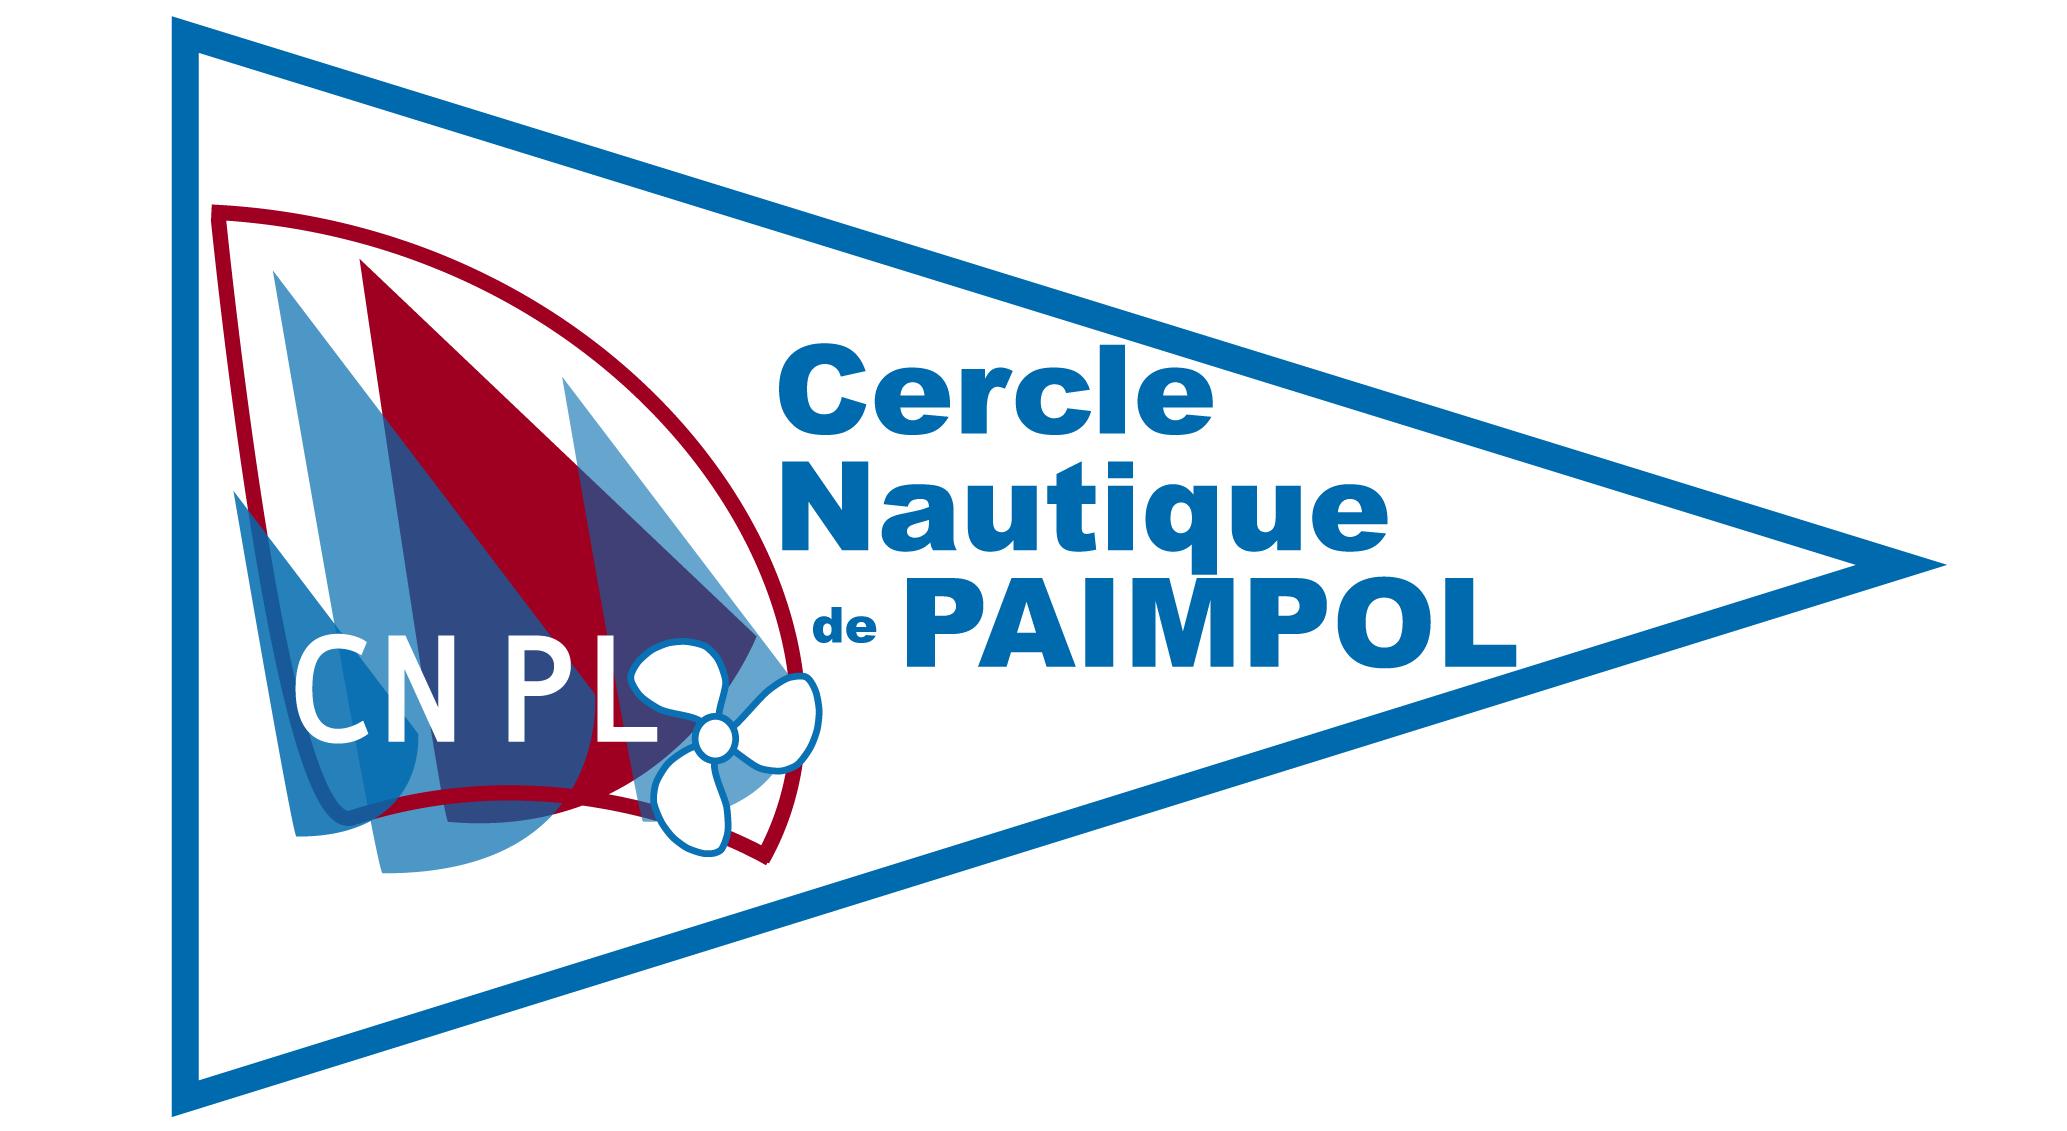 logo du Cercle Nautique de Paimpol